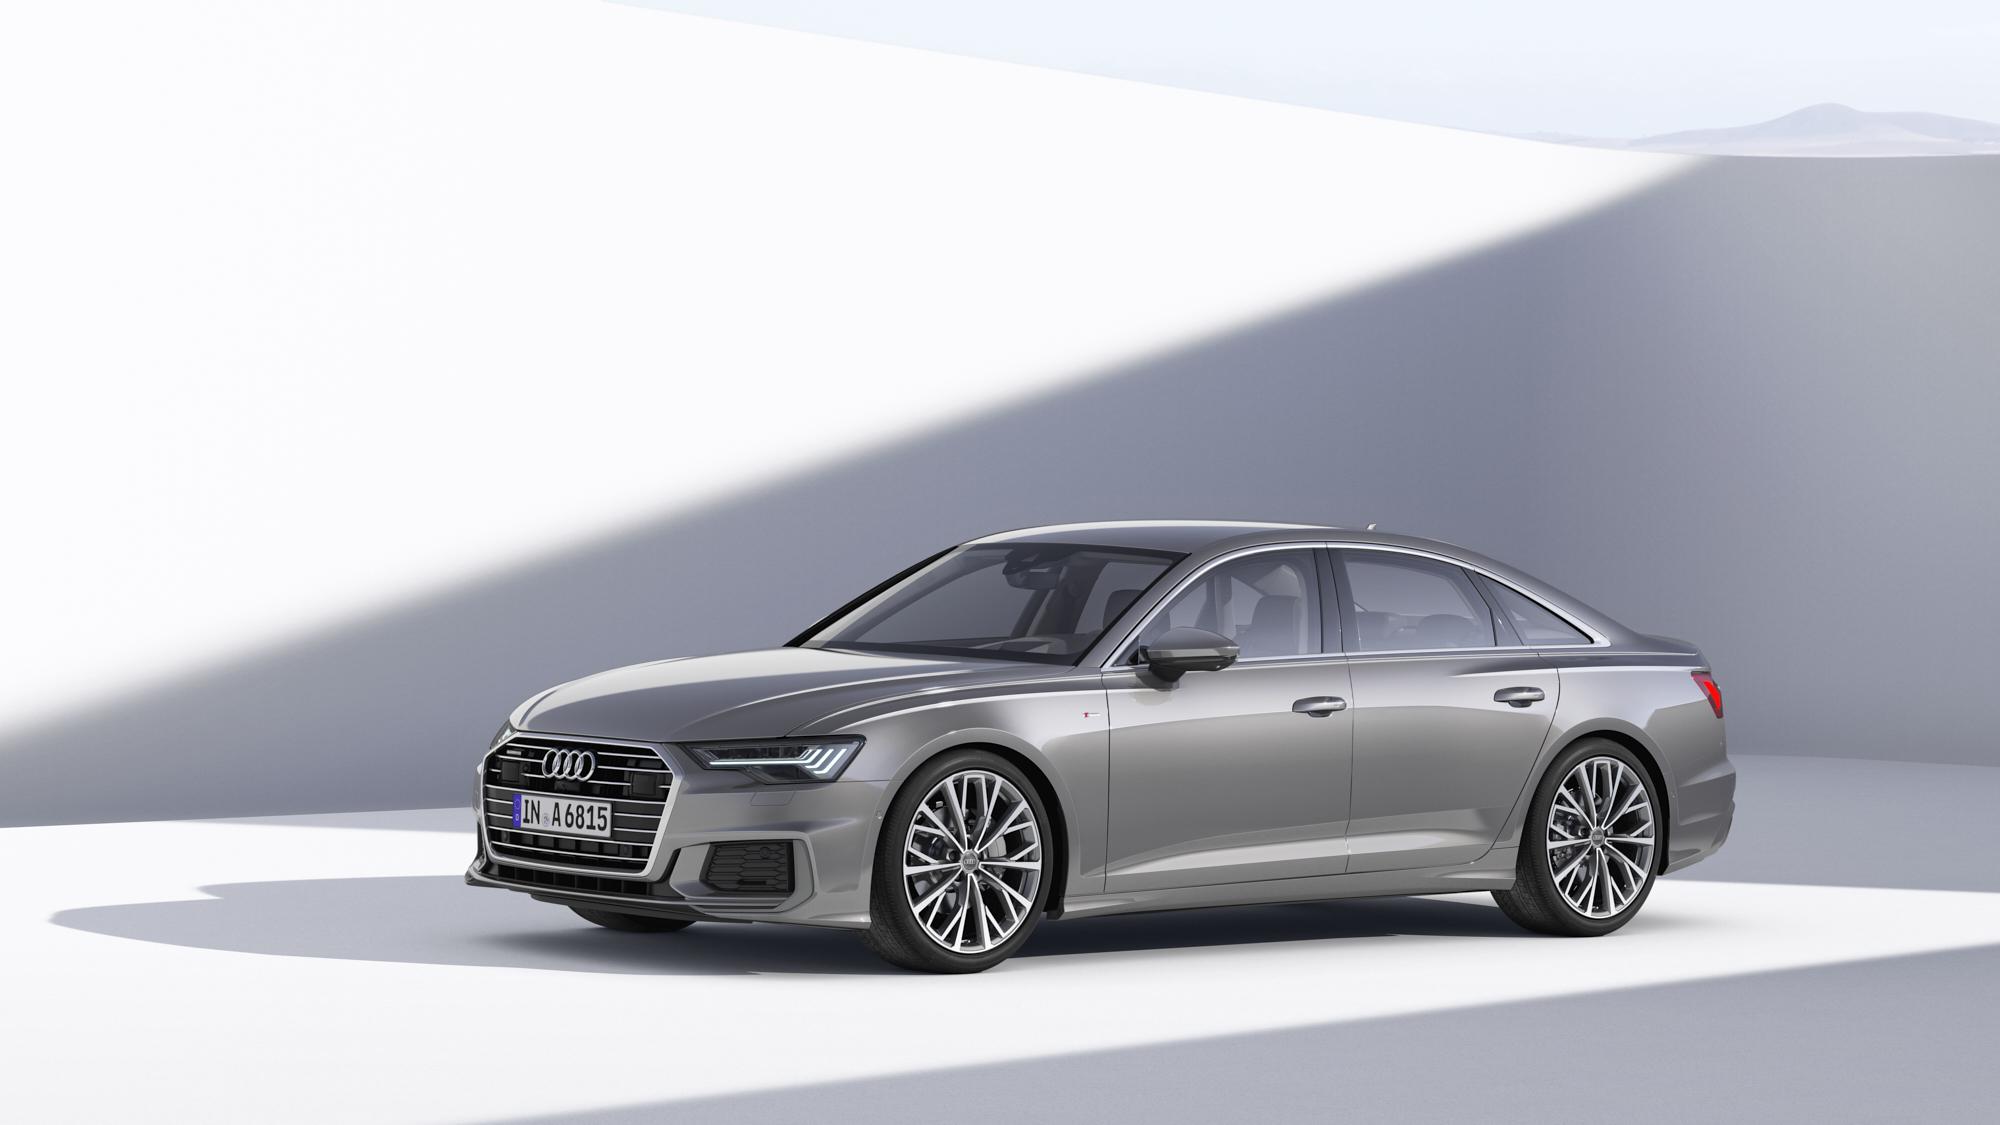 RWink_Audi_A6_EXT_002_B2200